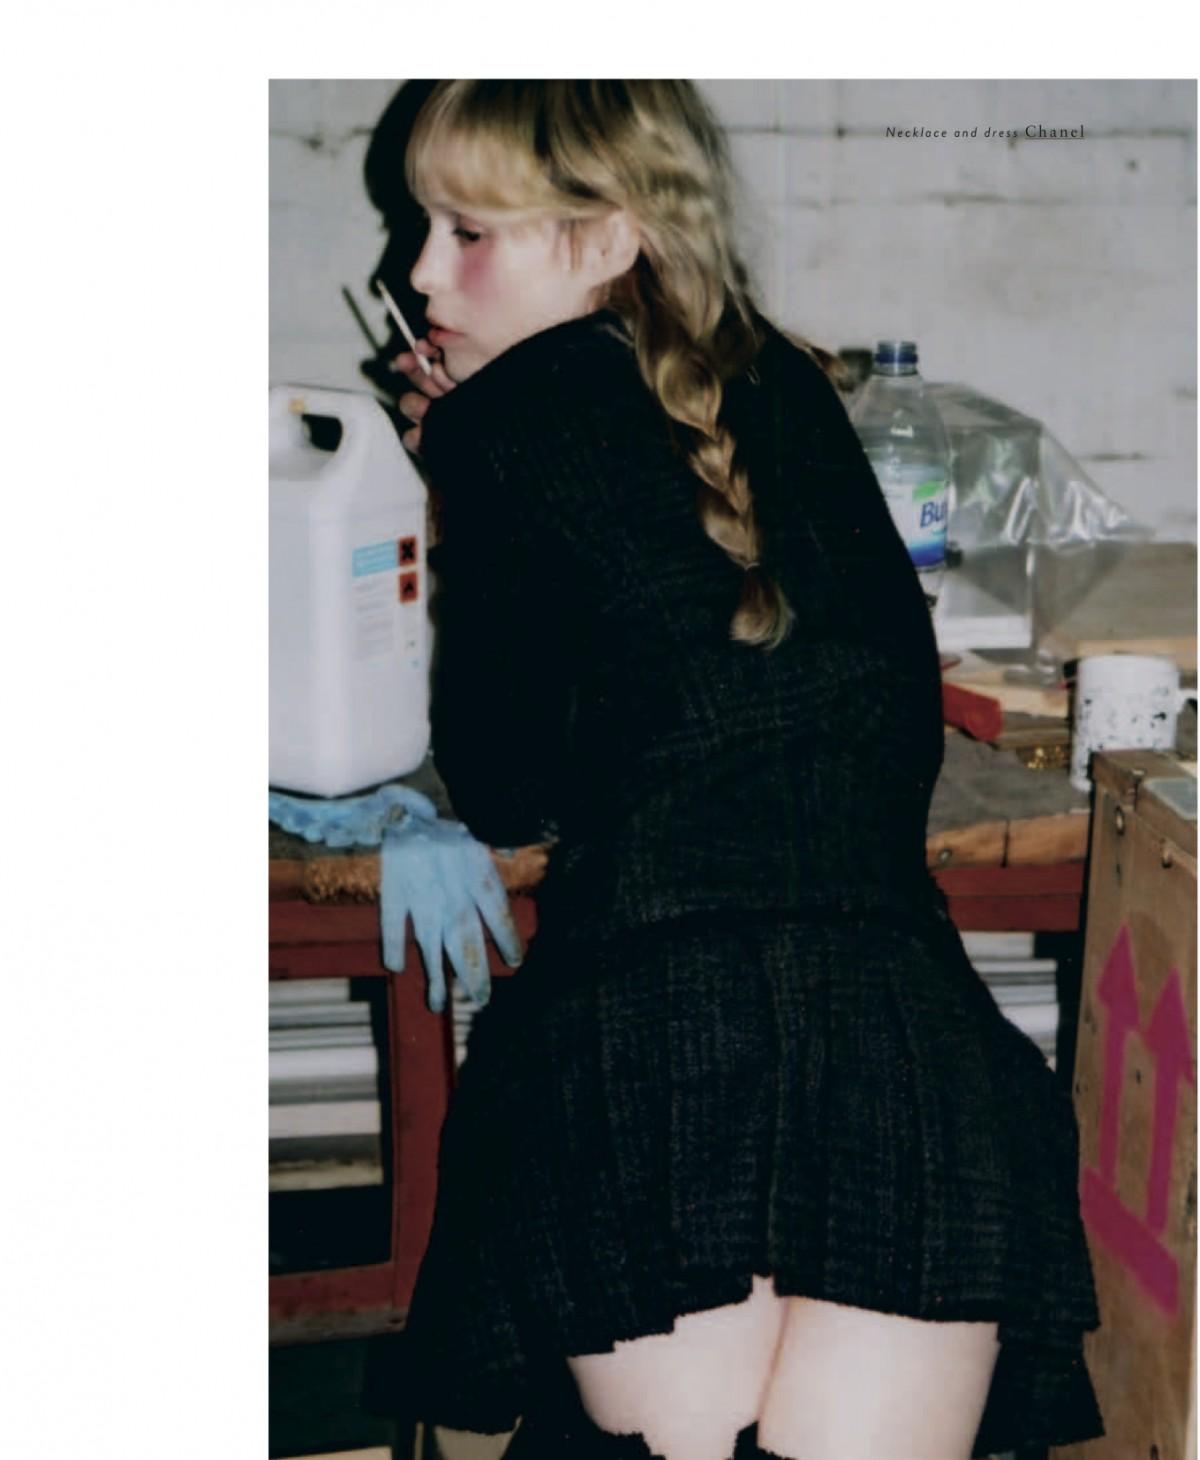 claudine blythman makeup artist petite meller indie